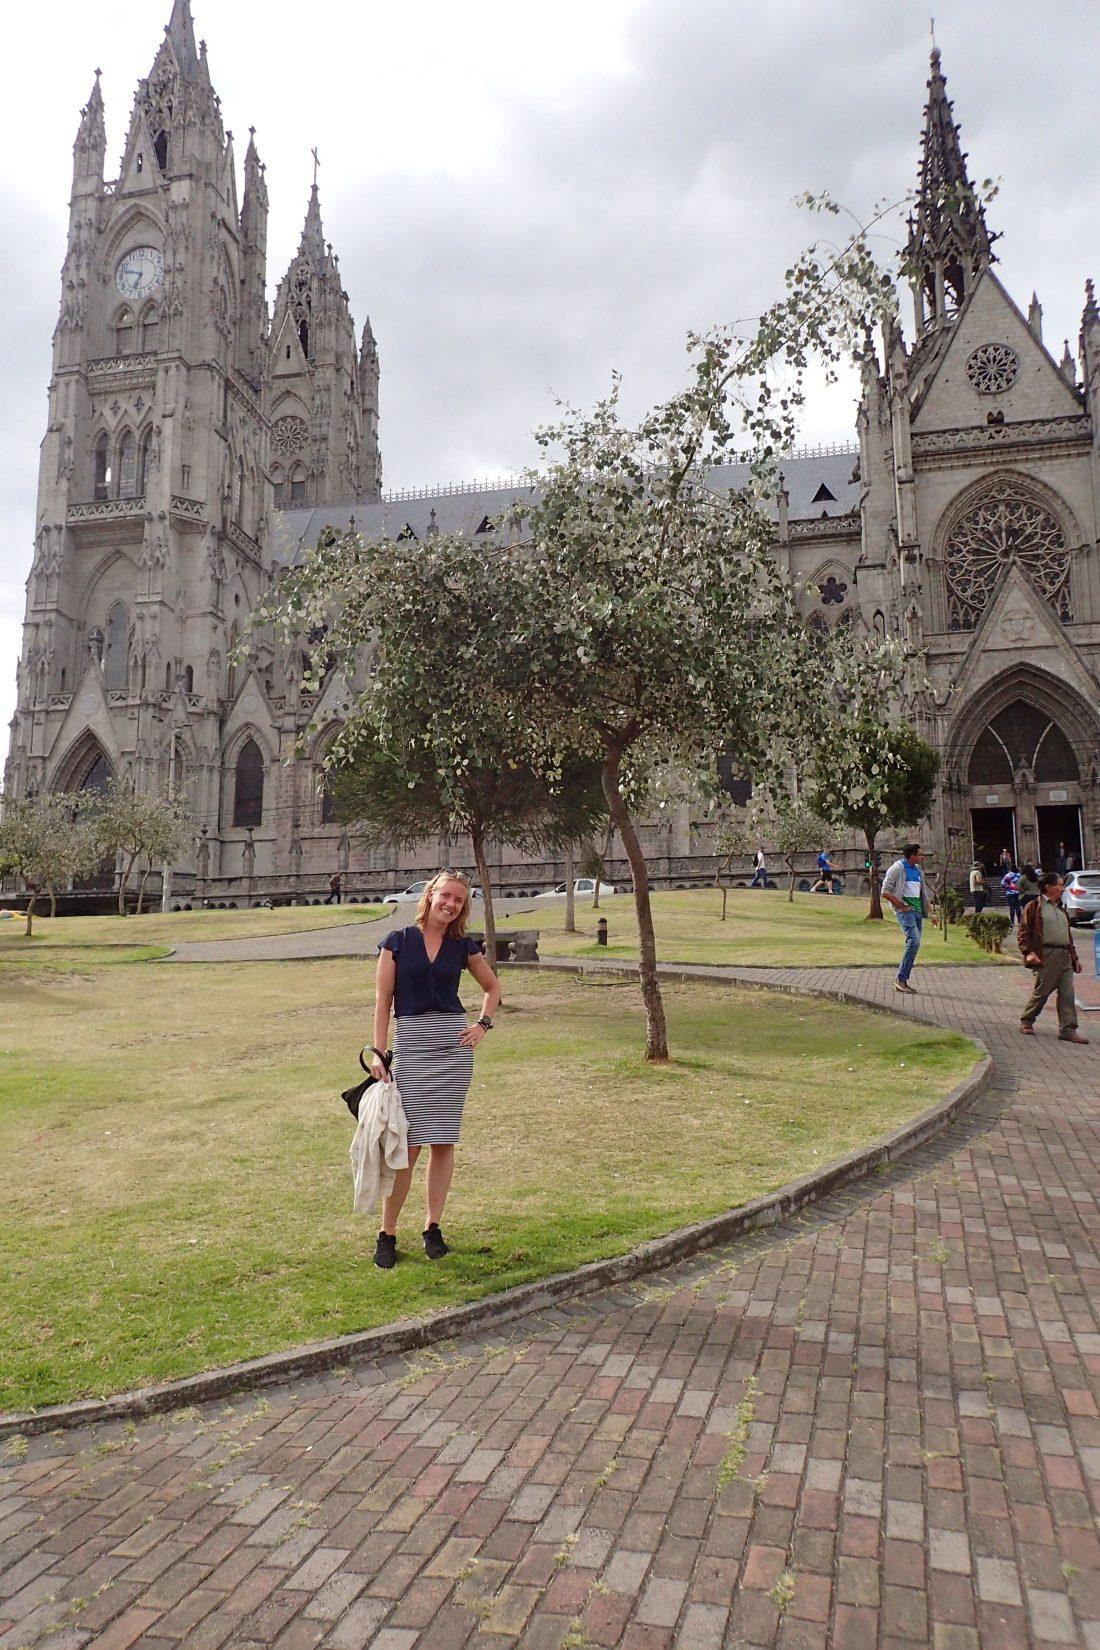 Kathedraal van Quito - Want ze hebben er echt meer dan alleen bergen en natuur - Wanderlotje